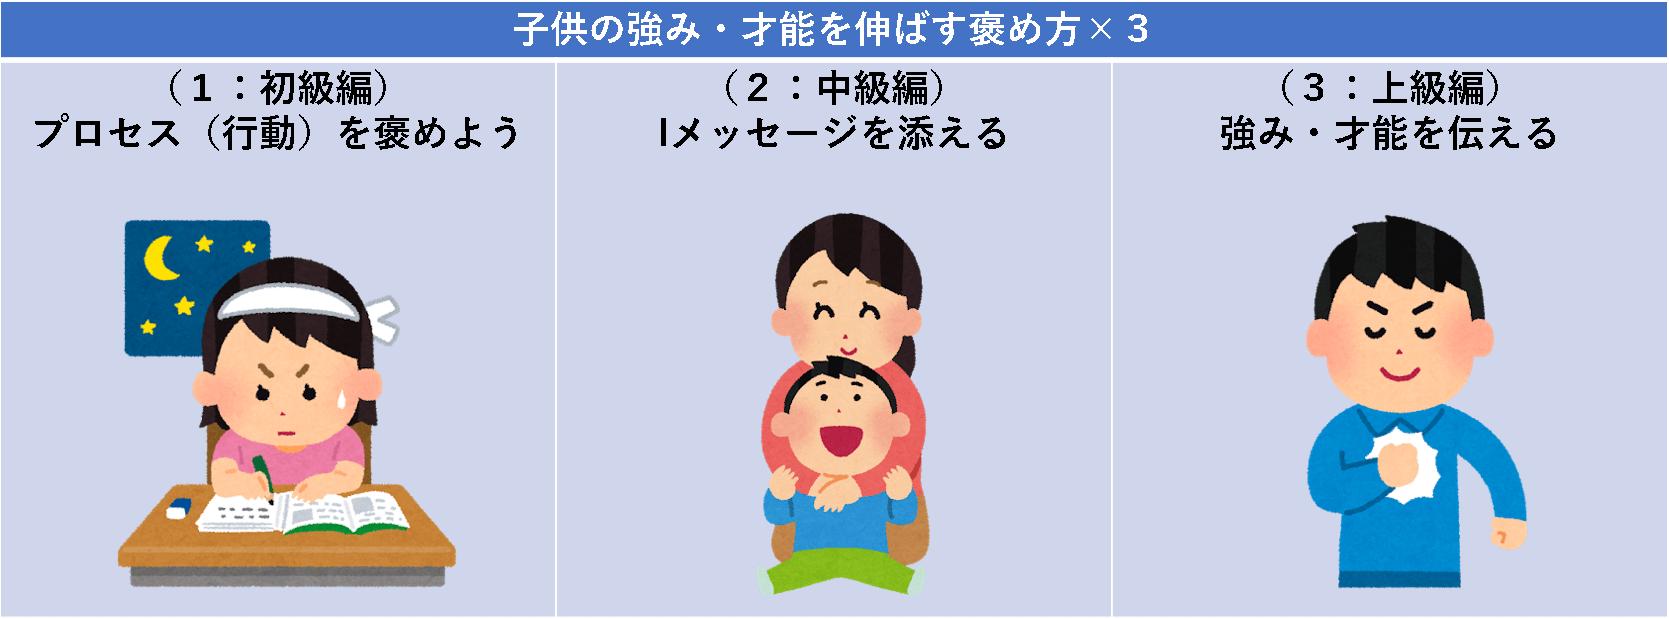 子供の強み・才能を伸ばす褒め方×3